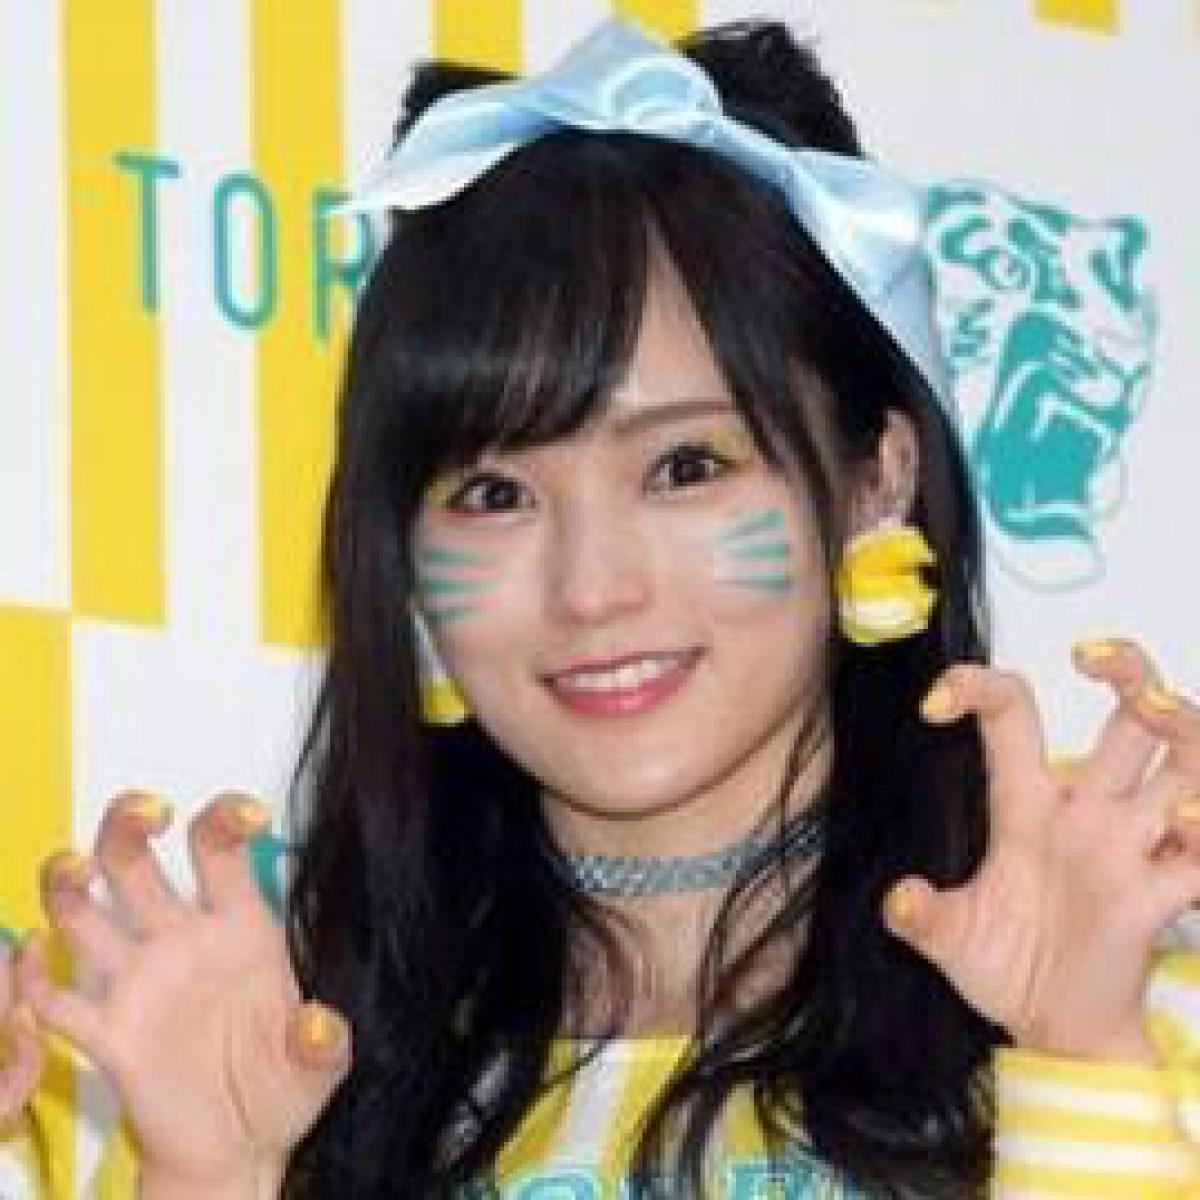 """山本彩は""""虎メイク""""披露...美女たちの「メイクショット」が素敵すぎる"""